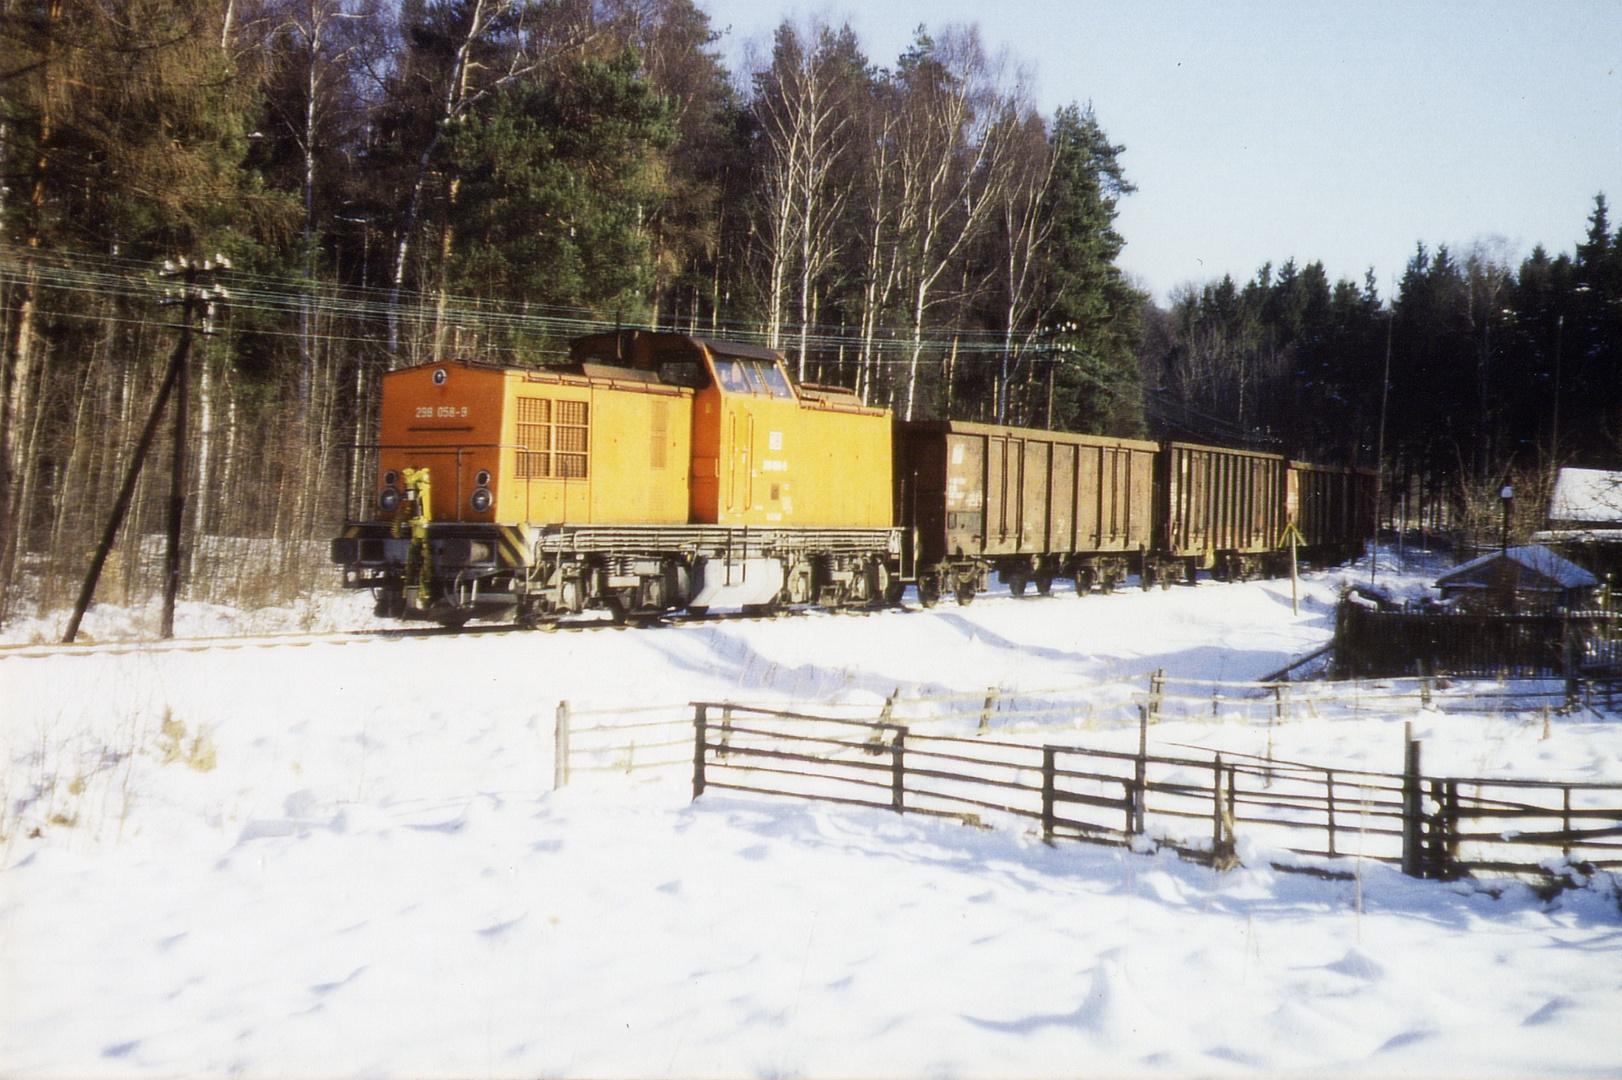 Übergabe im winterlichen Werdauer Wald